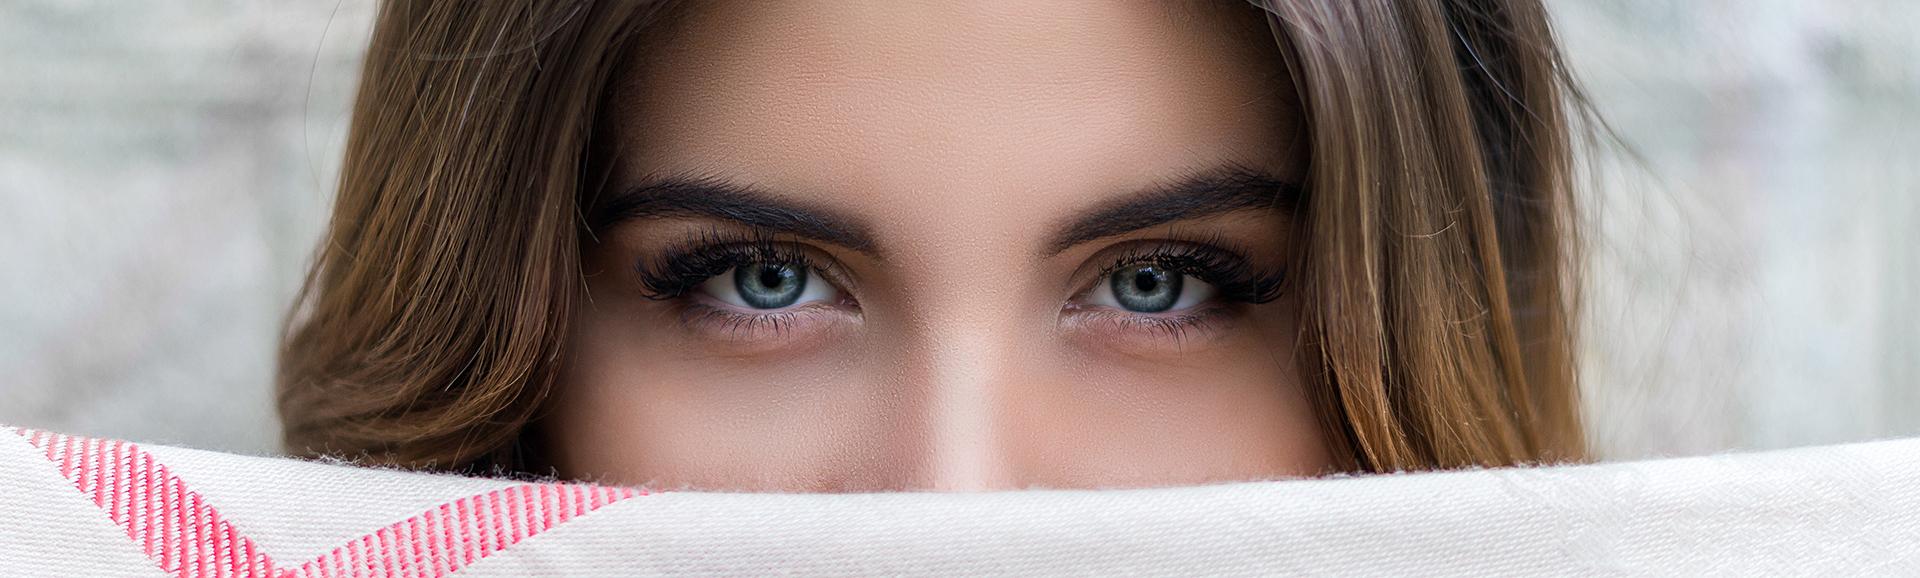 woman-getting-puffy-eye-treatment